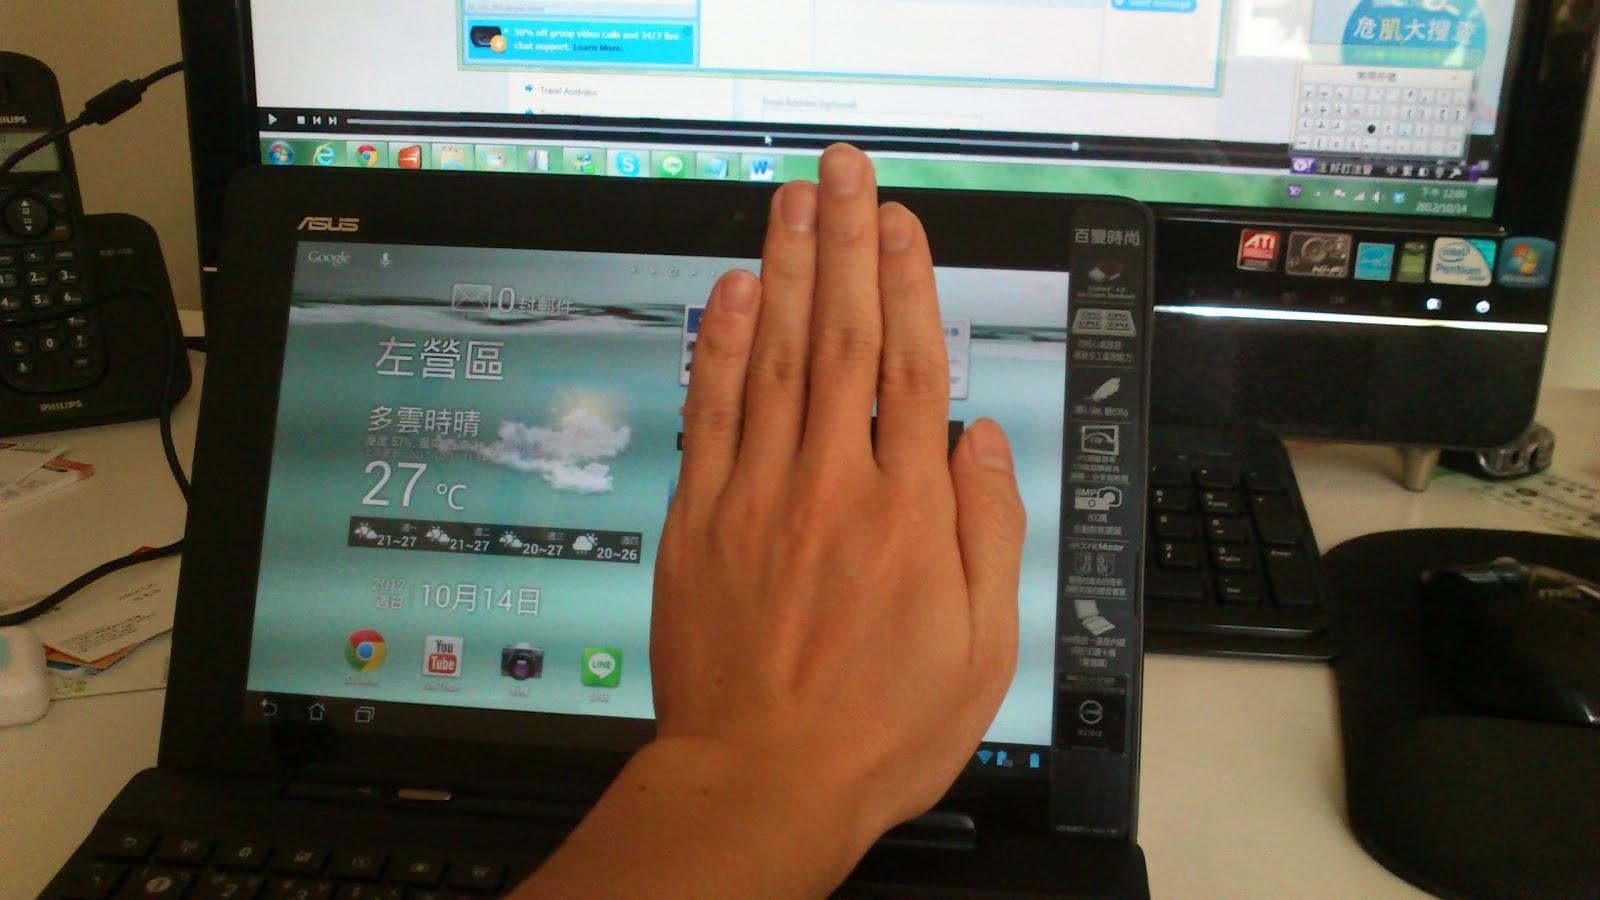 打工遊學研究所: 平板取代小筆電時代來臨?